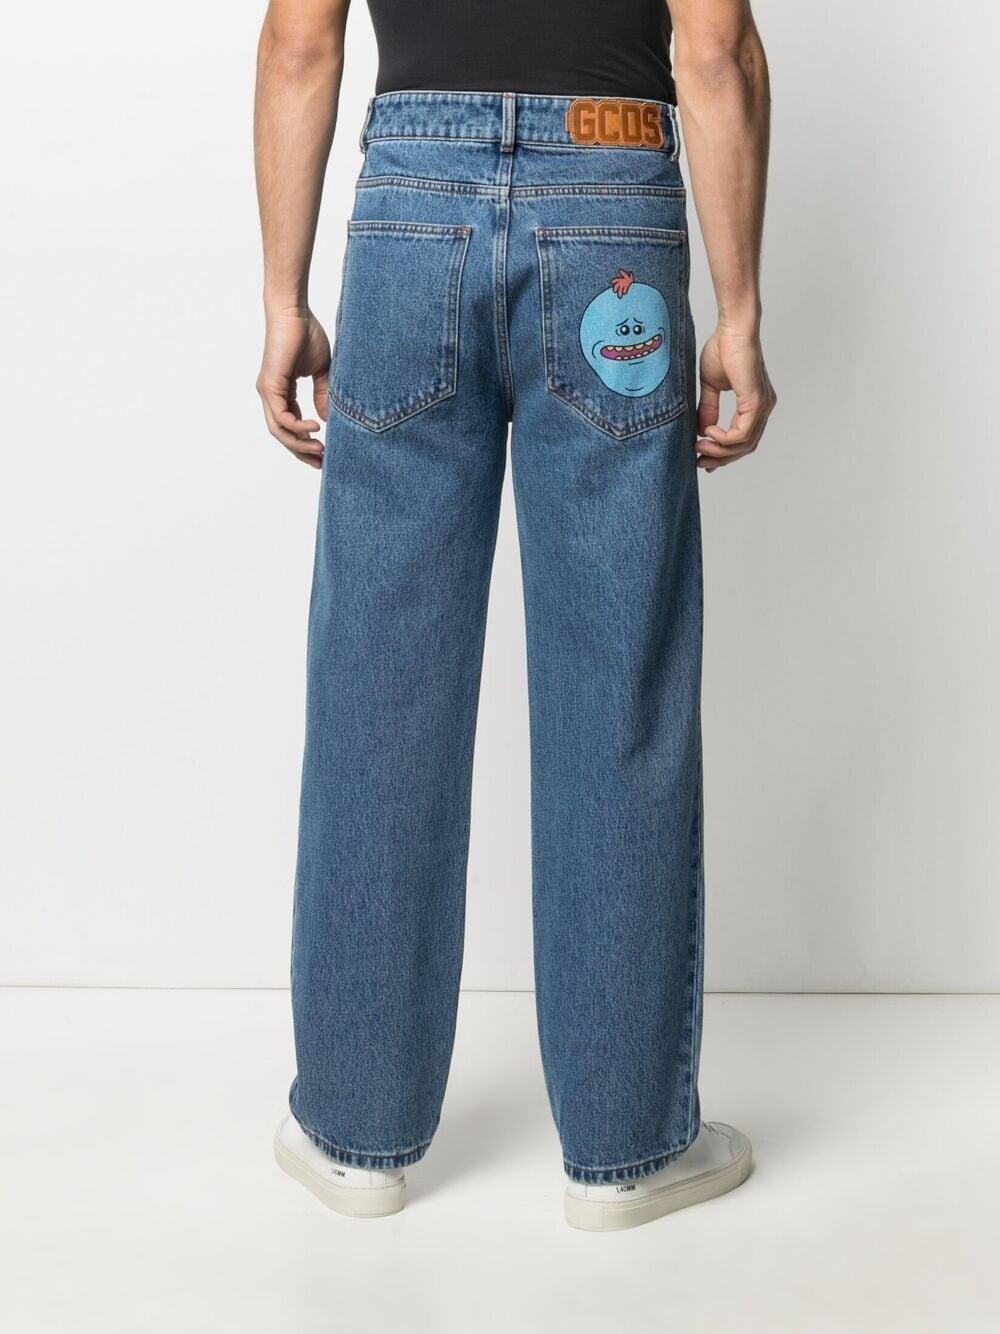 Gcds jeans con stampa uomo denim GCDS | Pantaloni | RM21M03020007